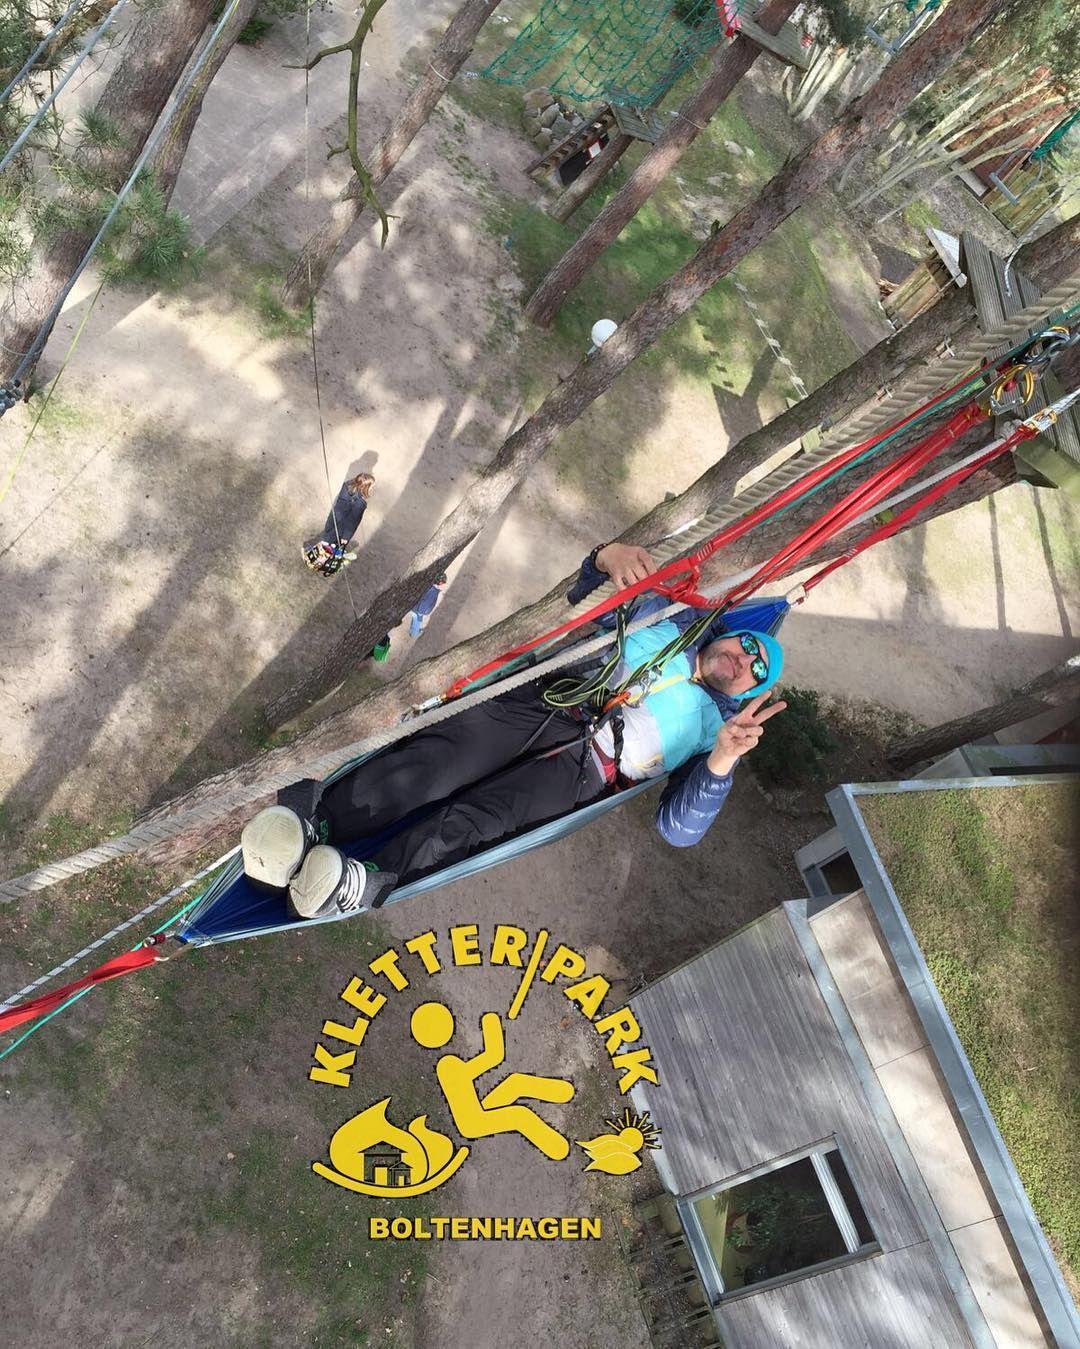 #kletterparkboltenhagen #kletterwald #hochseilgarten #klettergarten #ostsee #lübeck #wismar #schwerin #hammock #hammocks #hammocklife #abenteuer #adventure #nervenkitzel #adrenalin #adrenaline #klettern #climbing #climbing_pictures_of_instagram #ostsee #outdoors by @kletterparkboltenhagen